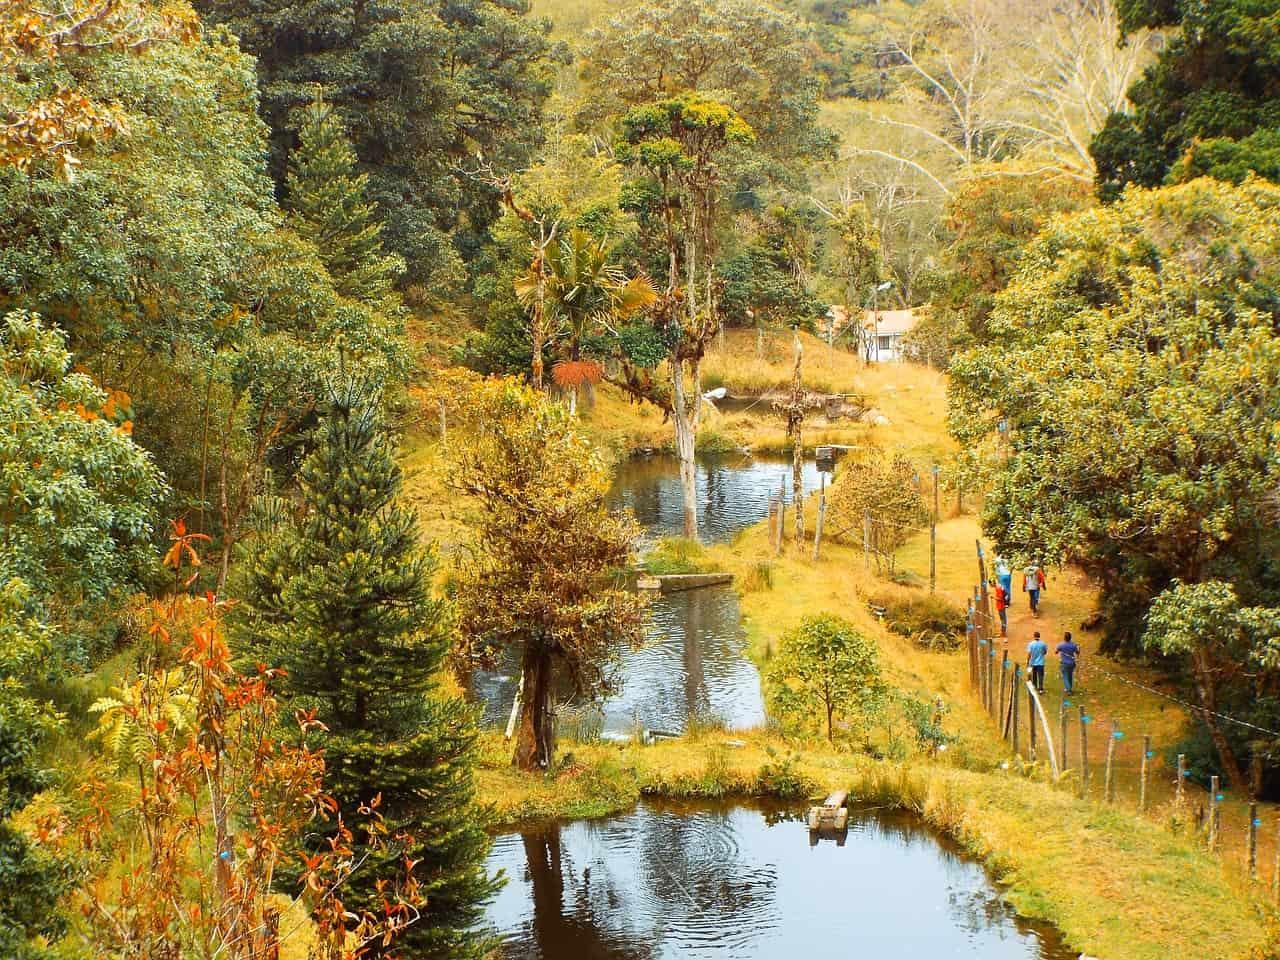 costa rica biodiversity, costa rica facts